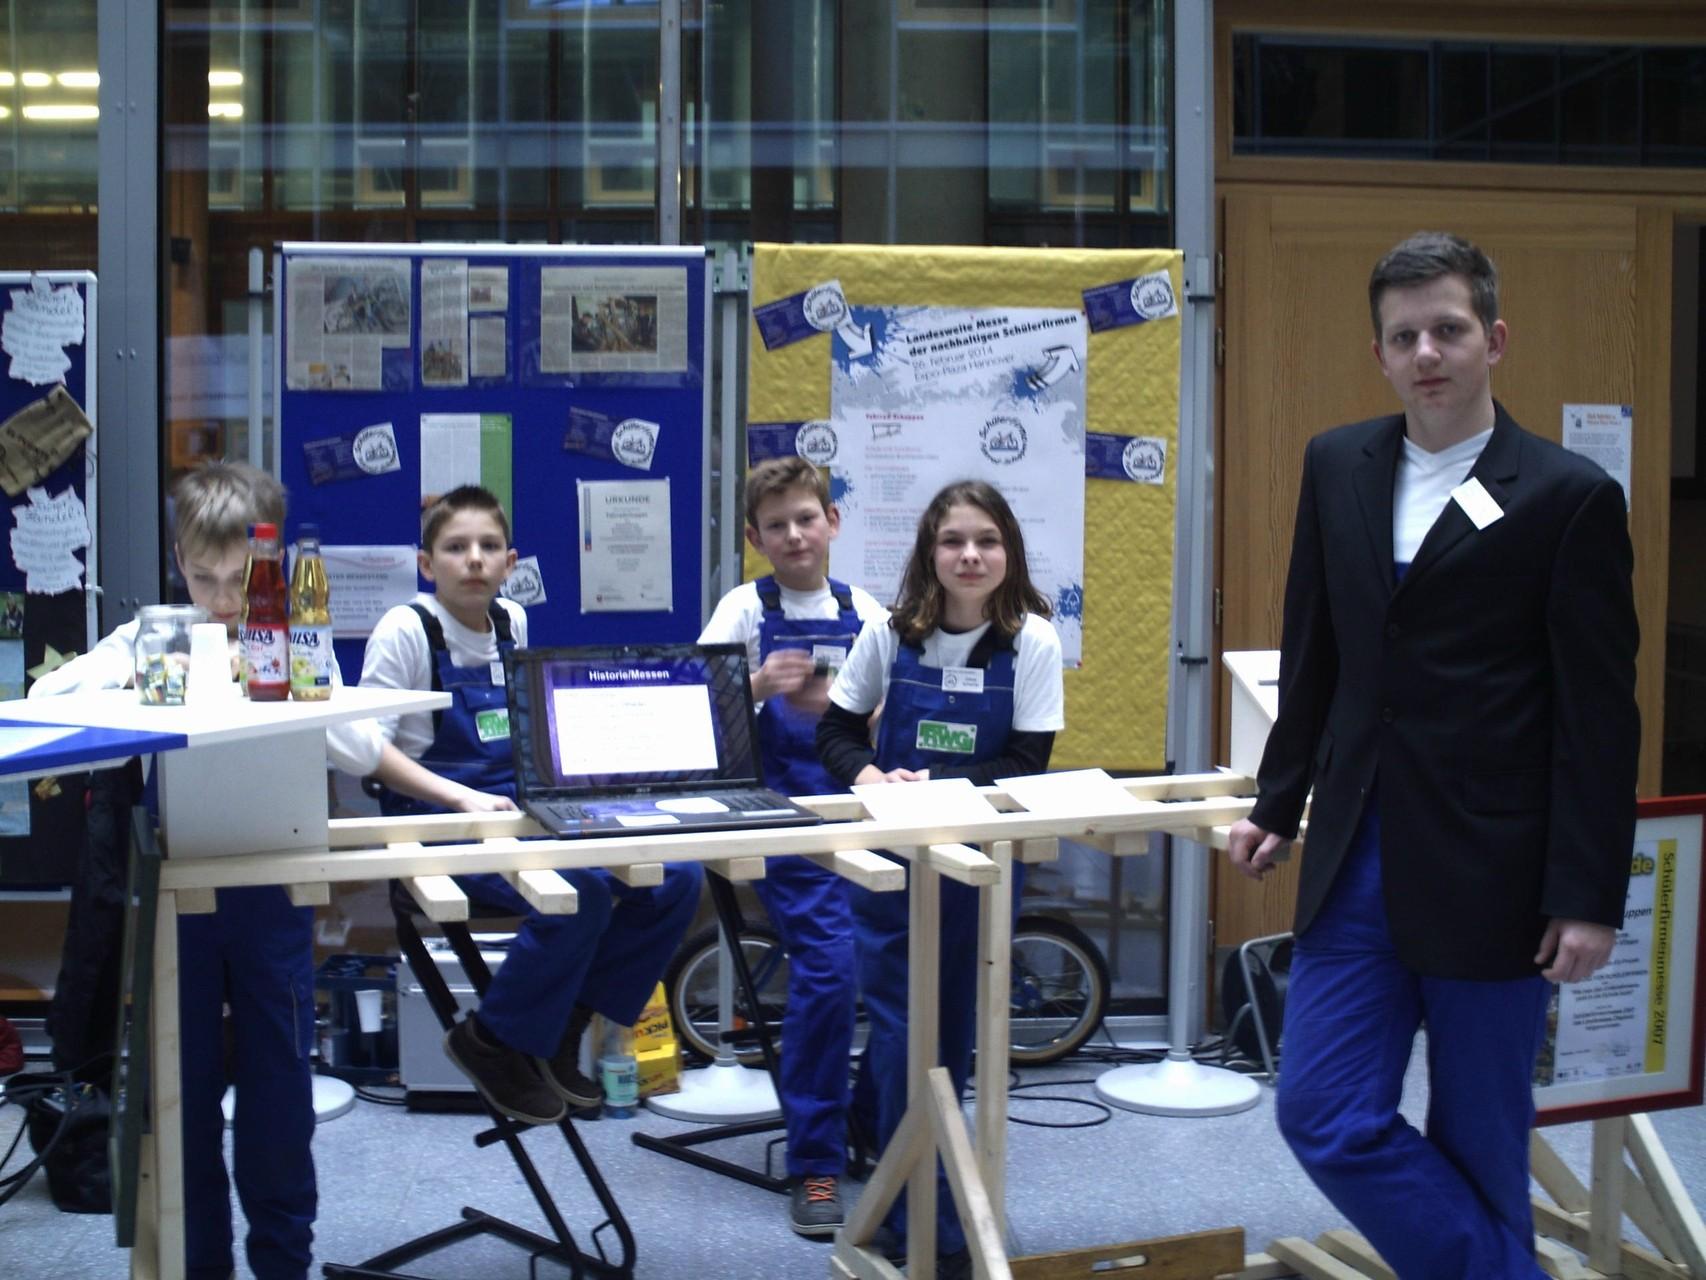 Platz 3 im Wettbewerb auf der niedersachsenweiten Schülerfirmenmesse in Hannover 2013.